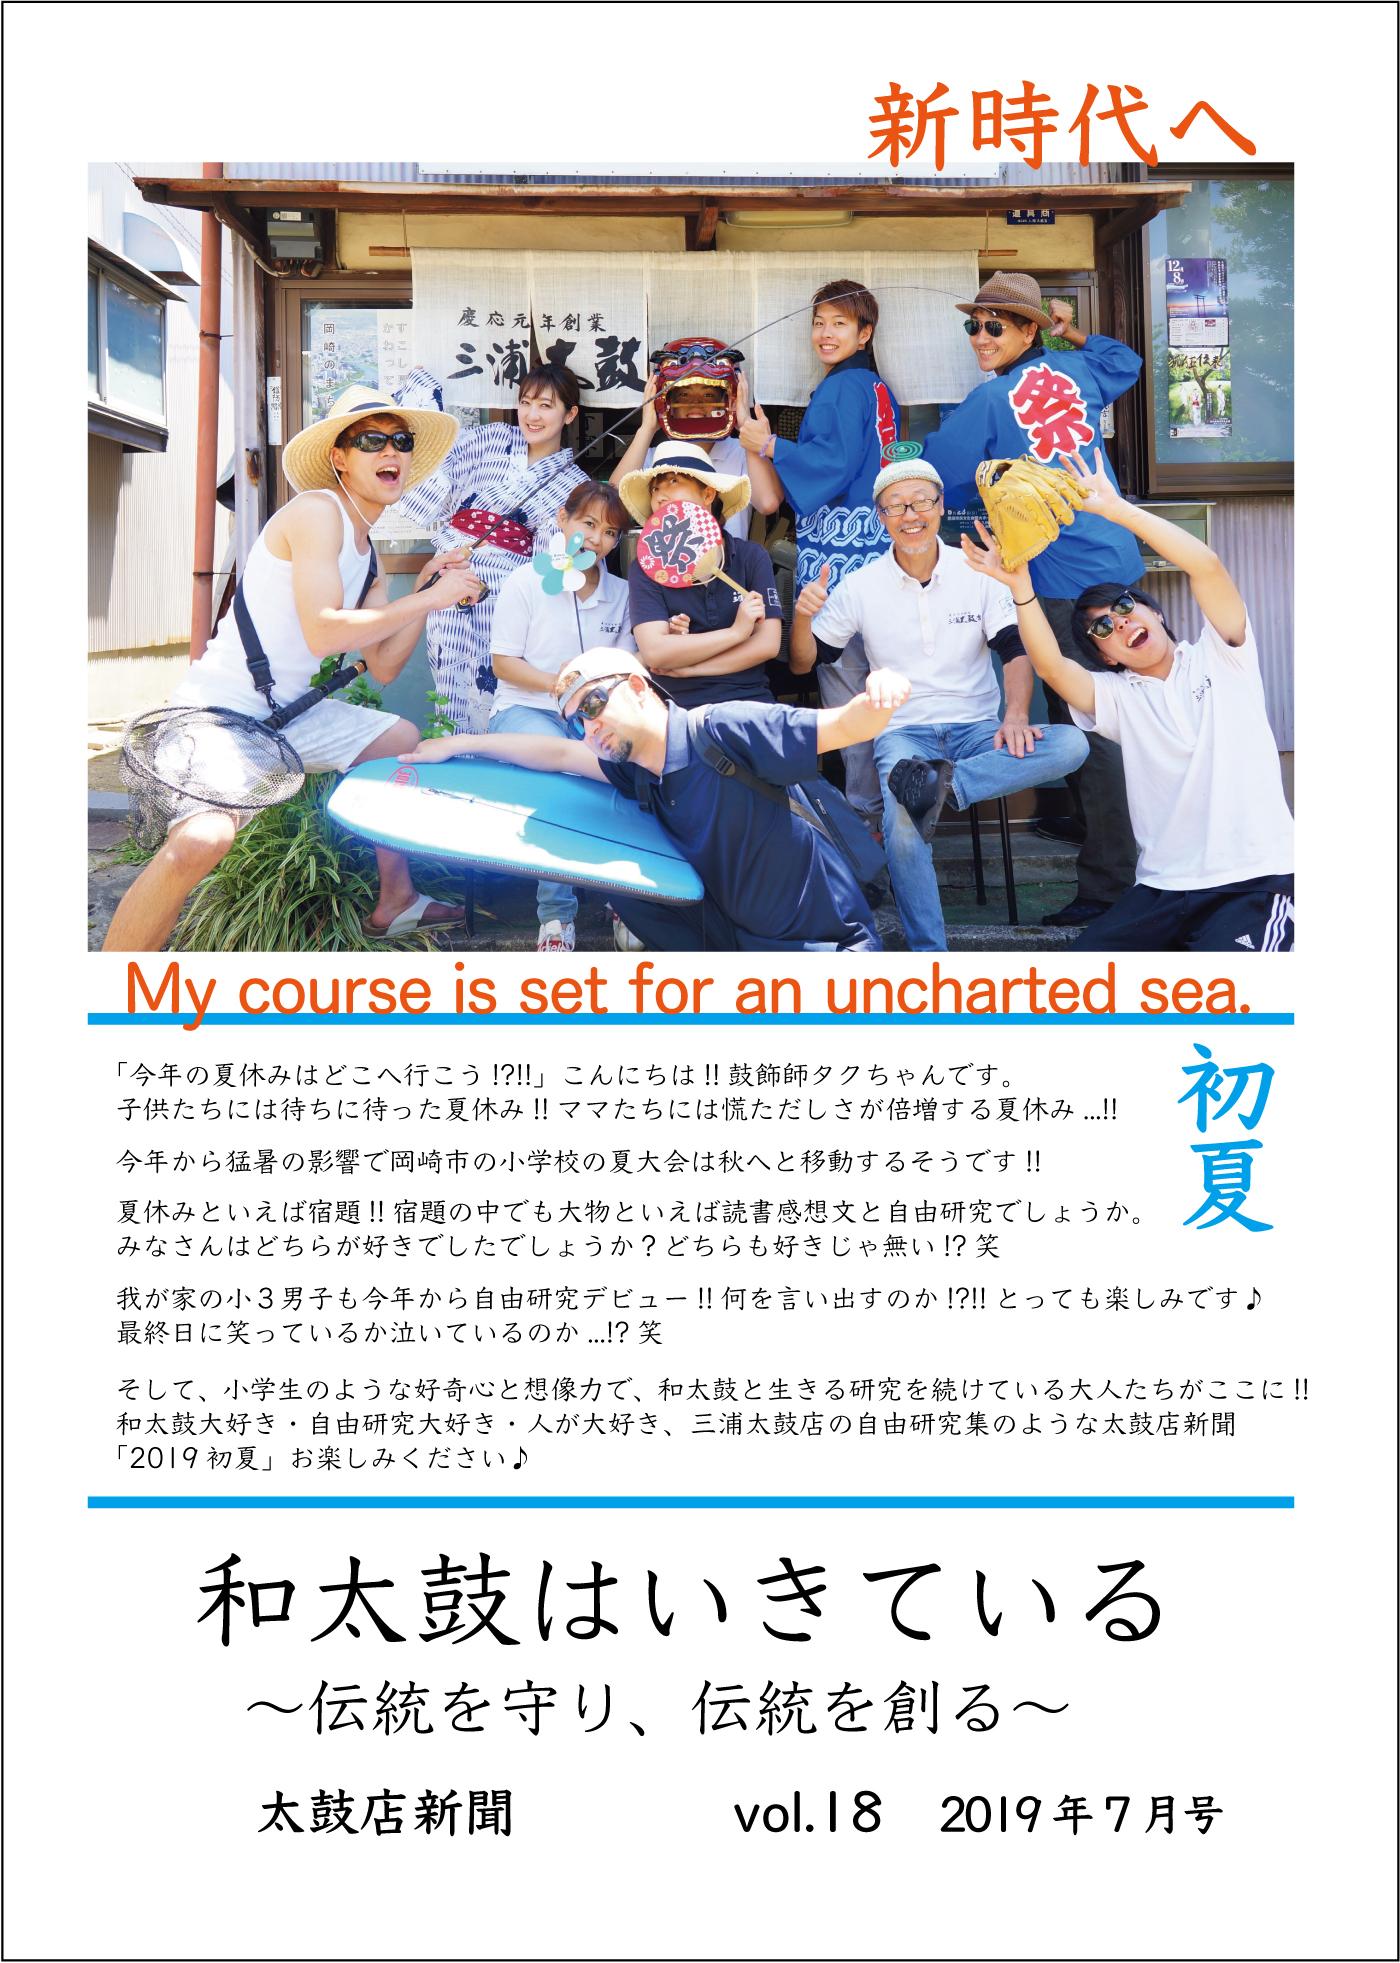 太鼓店新聞vol.18